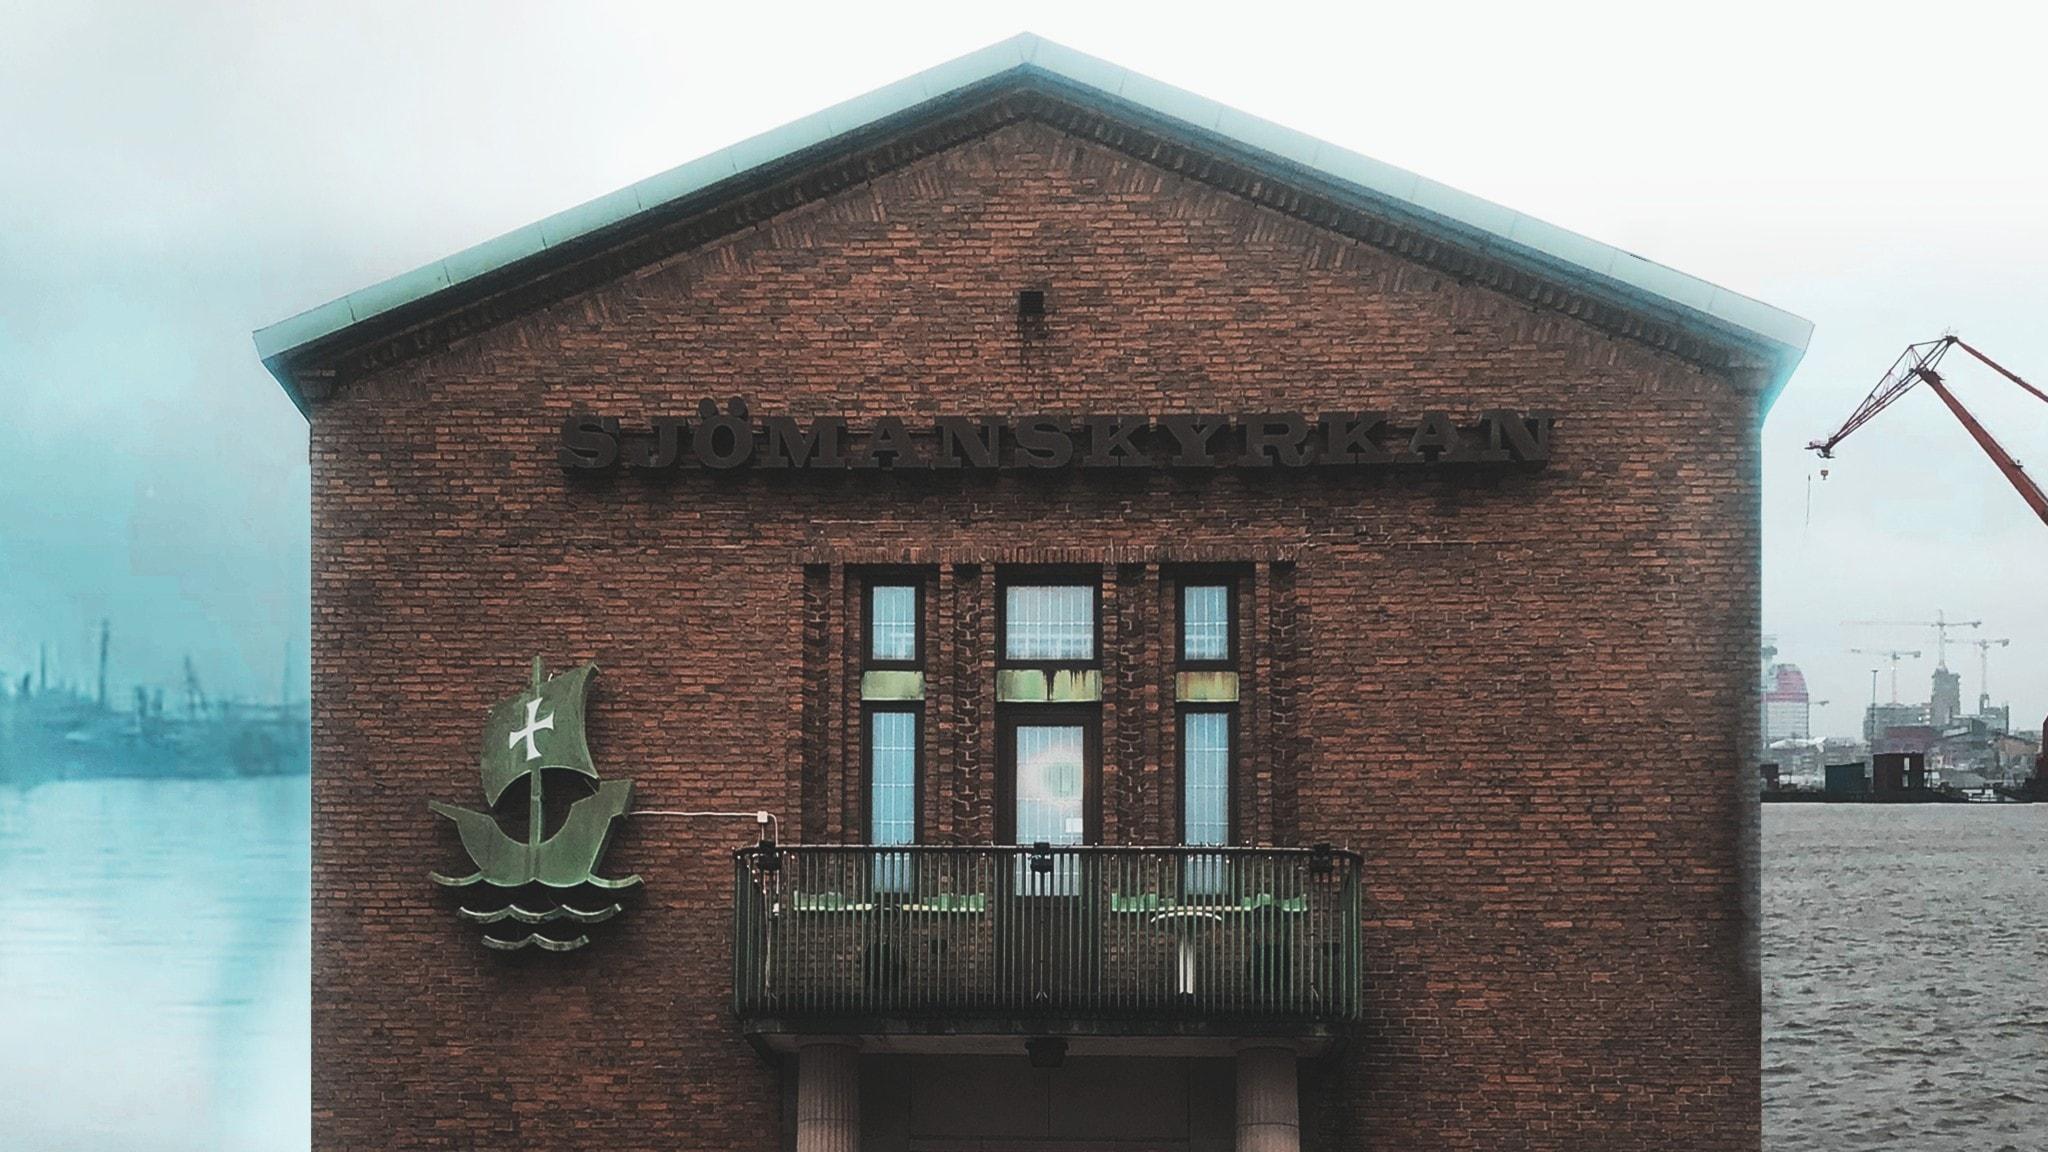 Vart ska de gamla sjömännen ta vägen om Sjömanskyrkan stängs?